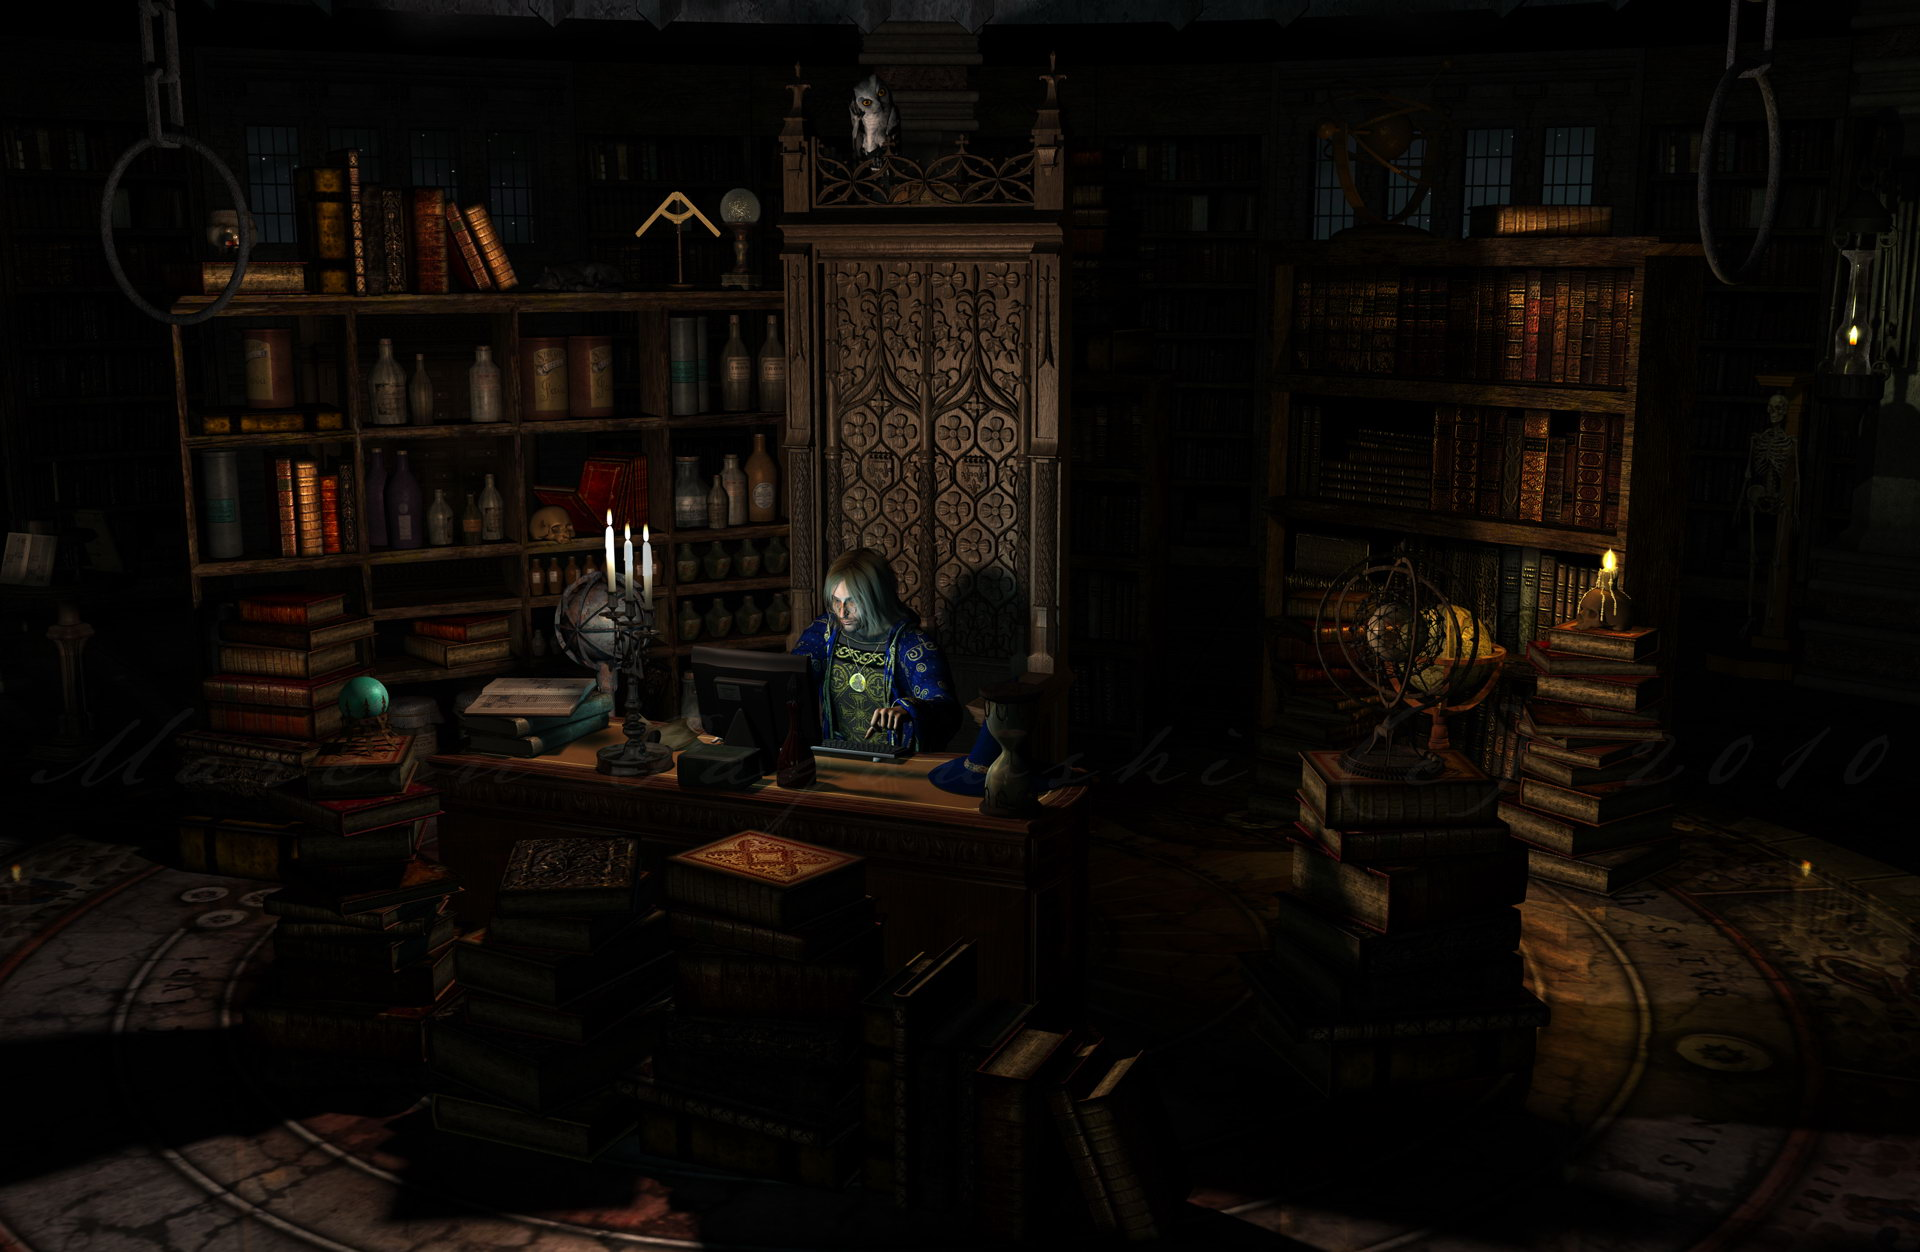 Wizard's Workshop by hedaard